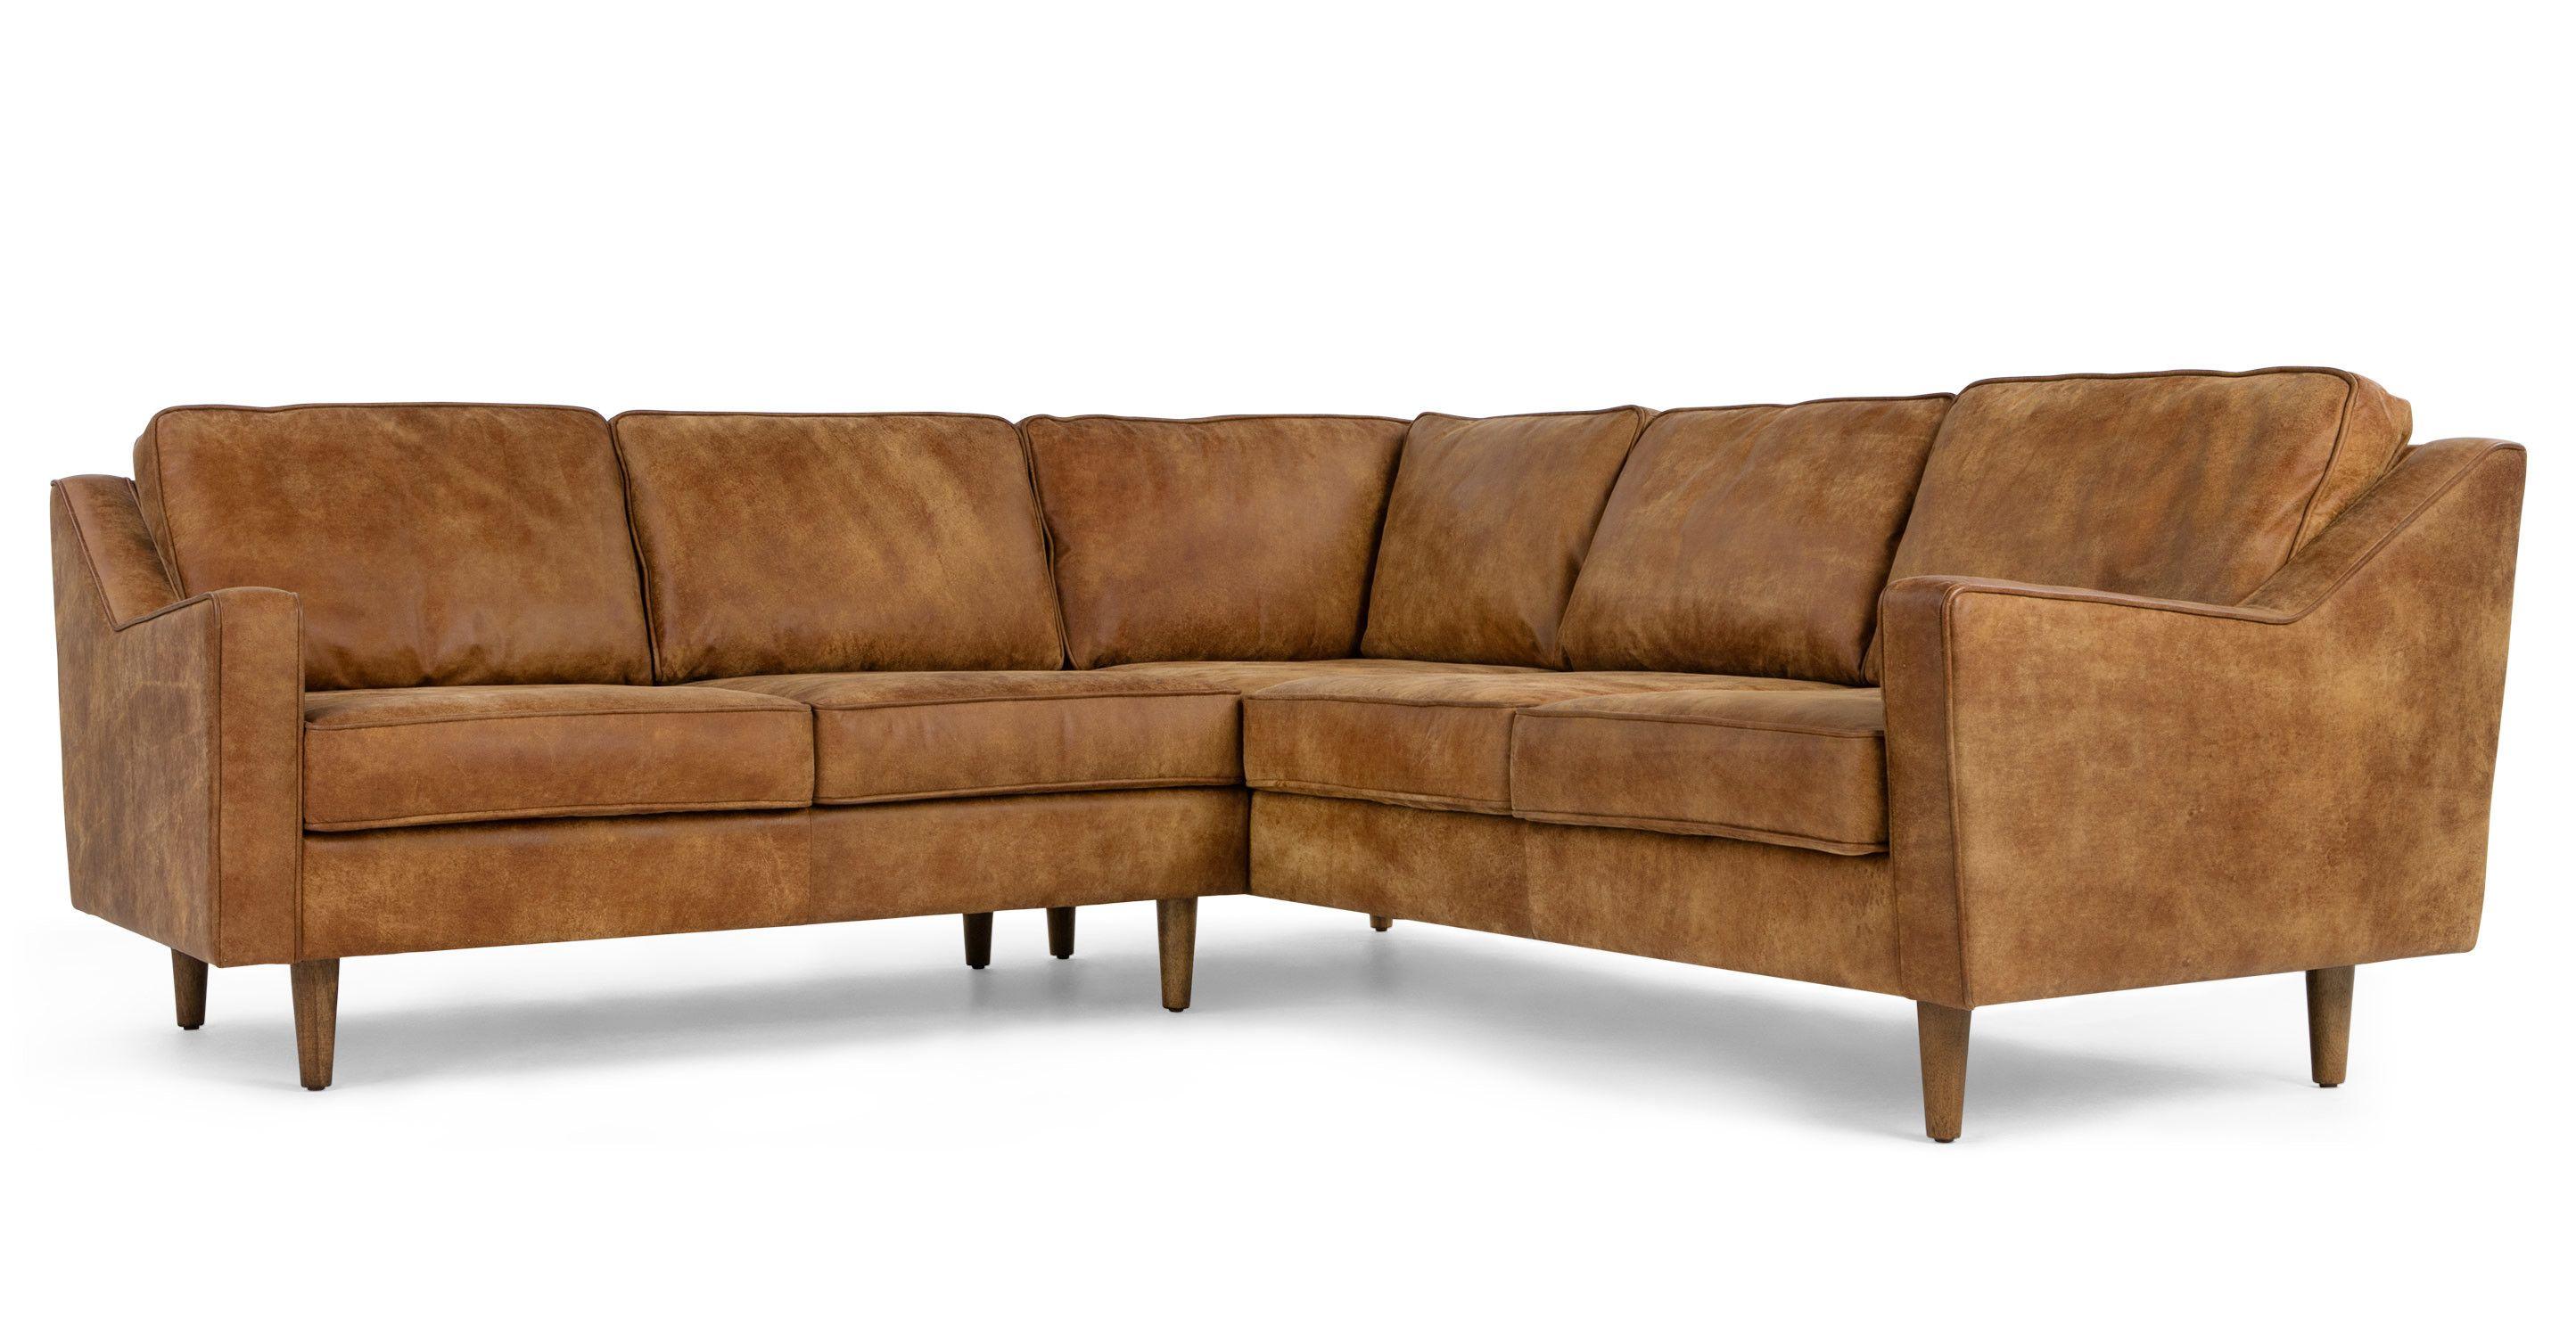 Dallas Corner Sofa Outback Tan Premium Leather Leather Corner Sofa Corner Sofa Sofas For Small Spaces